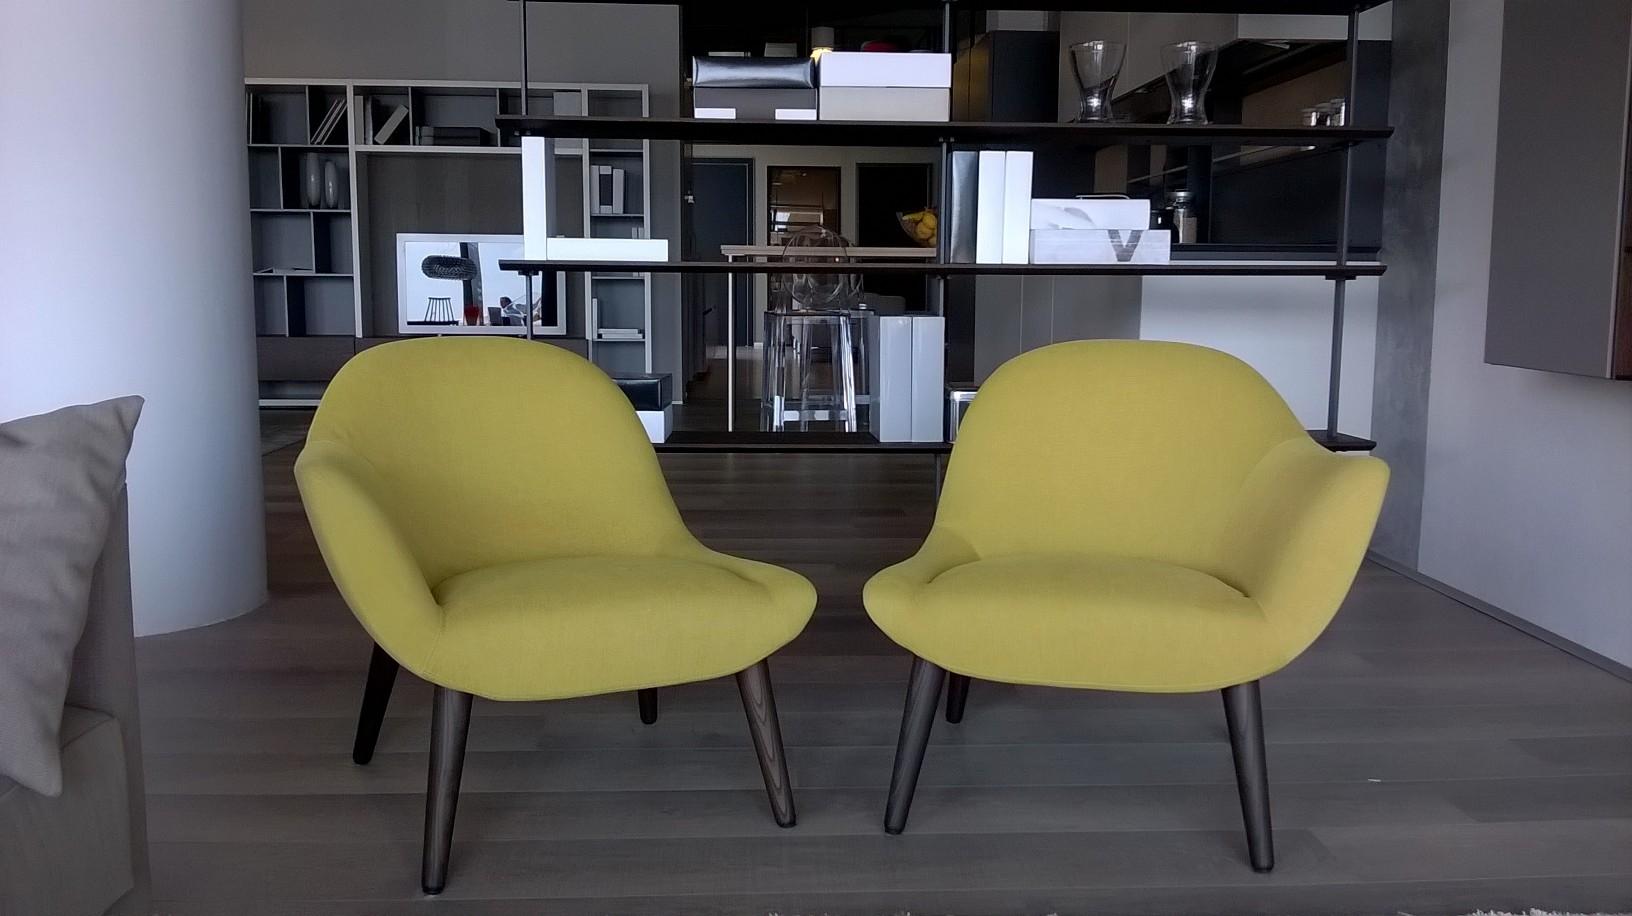 poltrone poliform modello mad chair scontate del 42